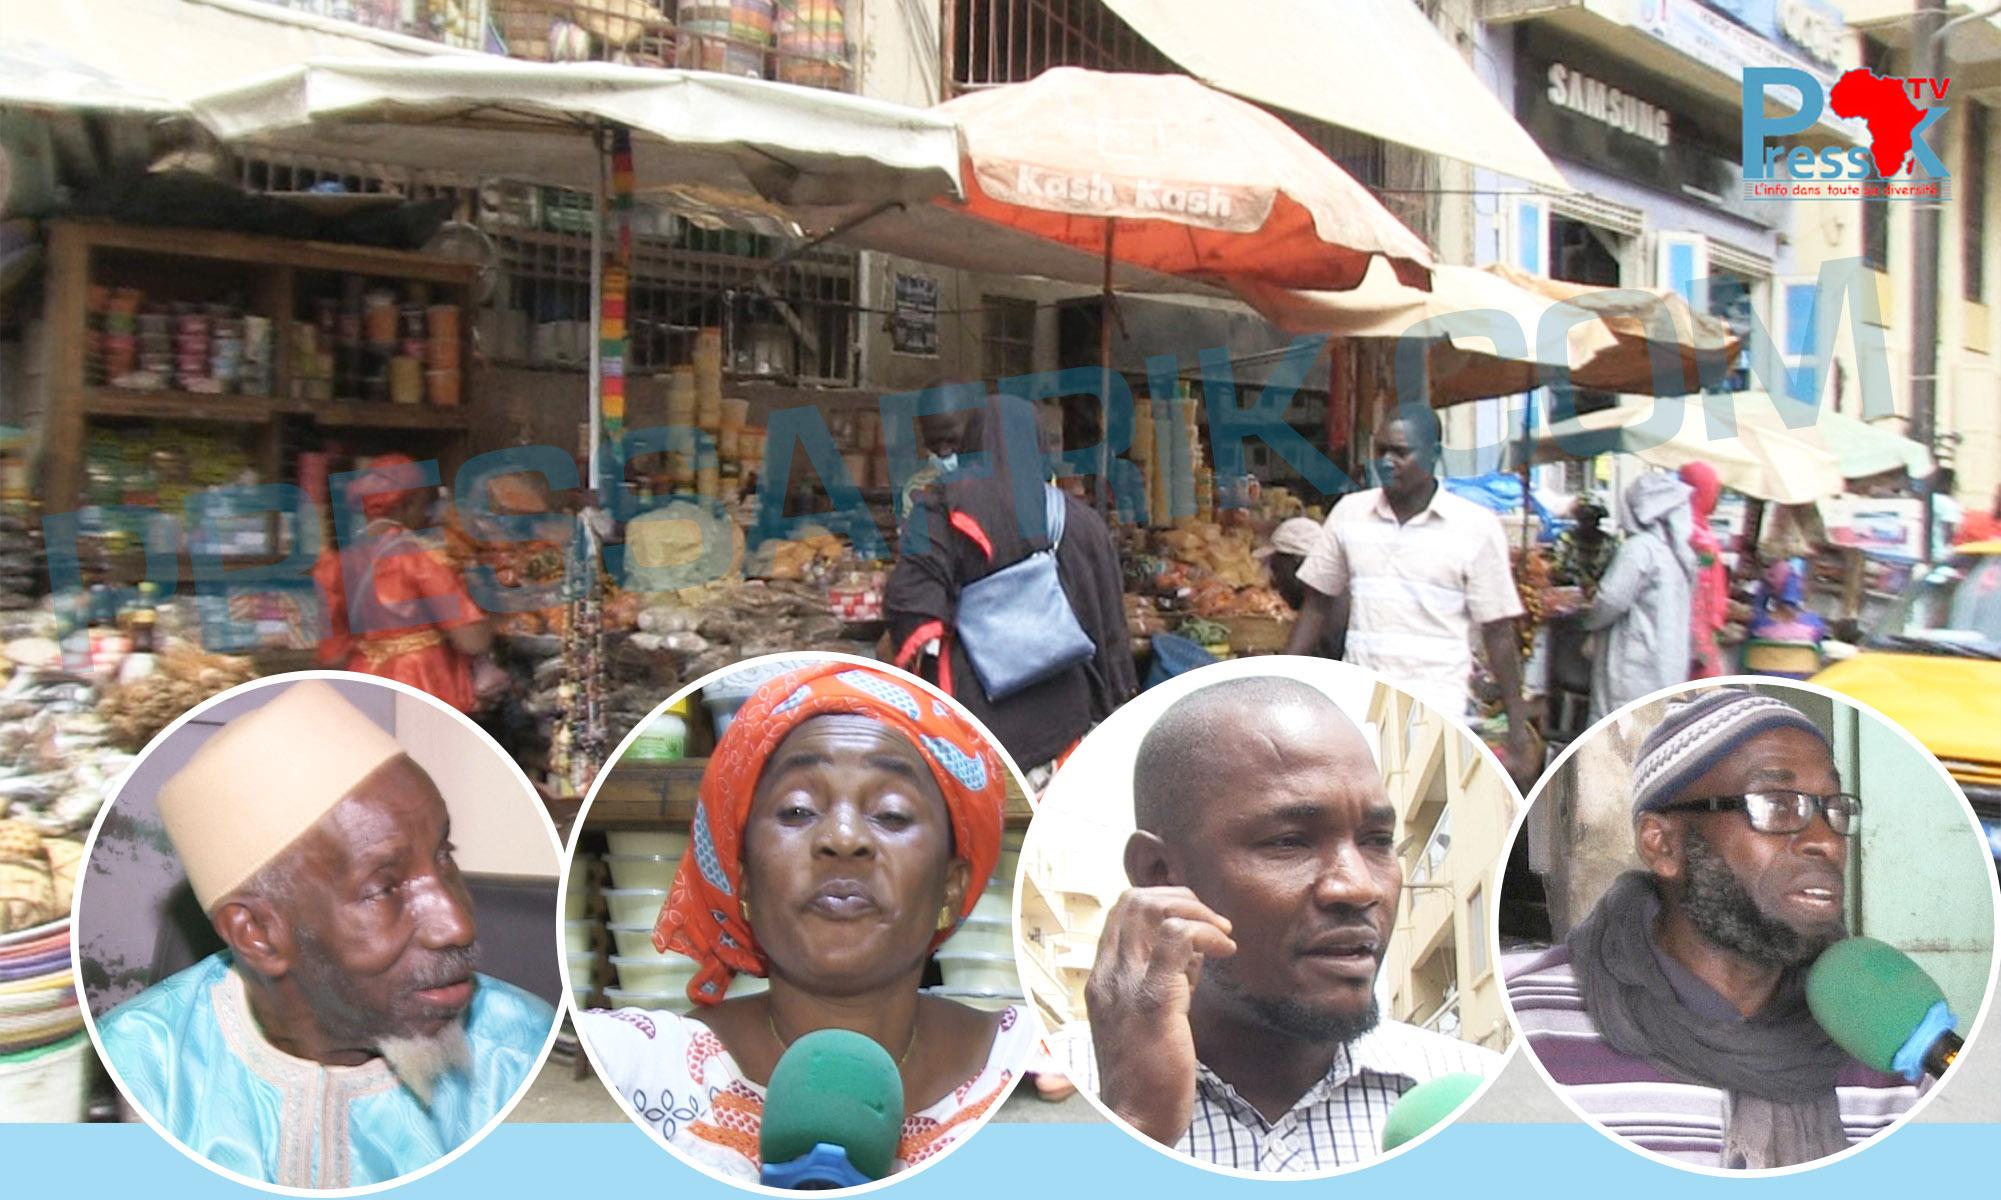 Les Maliens basés à Dakar, partagés entre « honte et colère », veulent que le pouvoir revienne aux civils (Reportage)